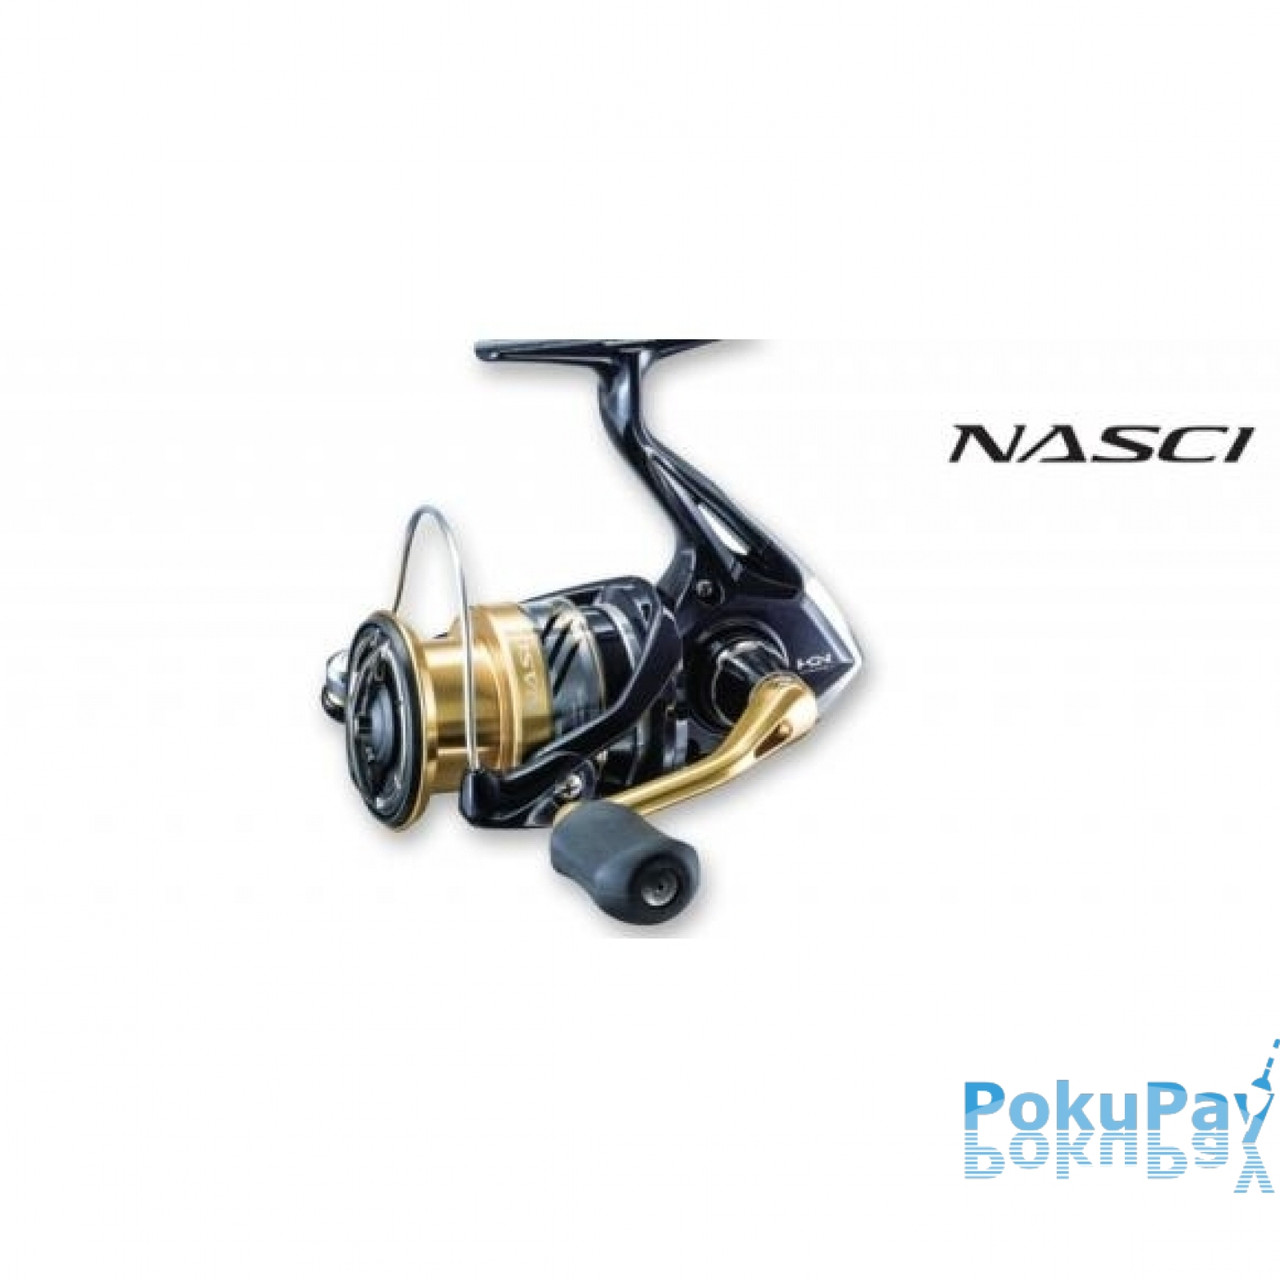 e7dafd56c5d Shimano Nasci 2500 HGS FB (NAS2500HGSFB) — в Категории